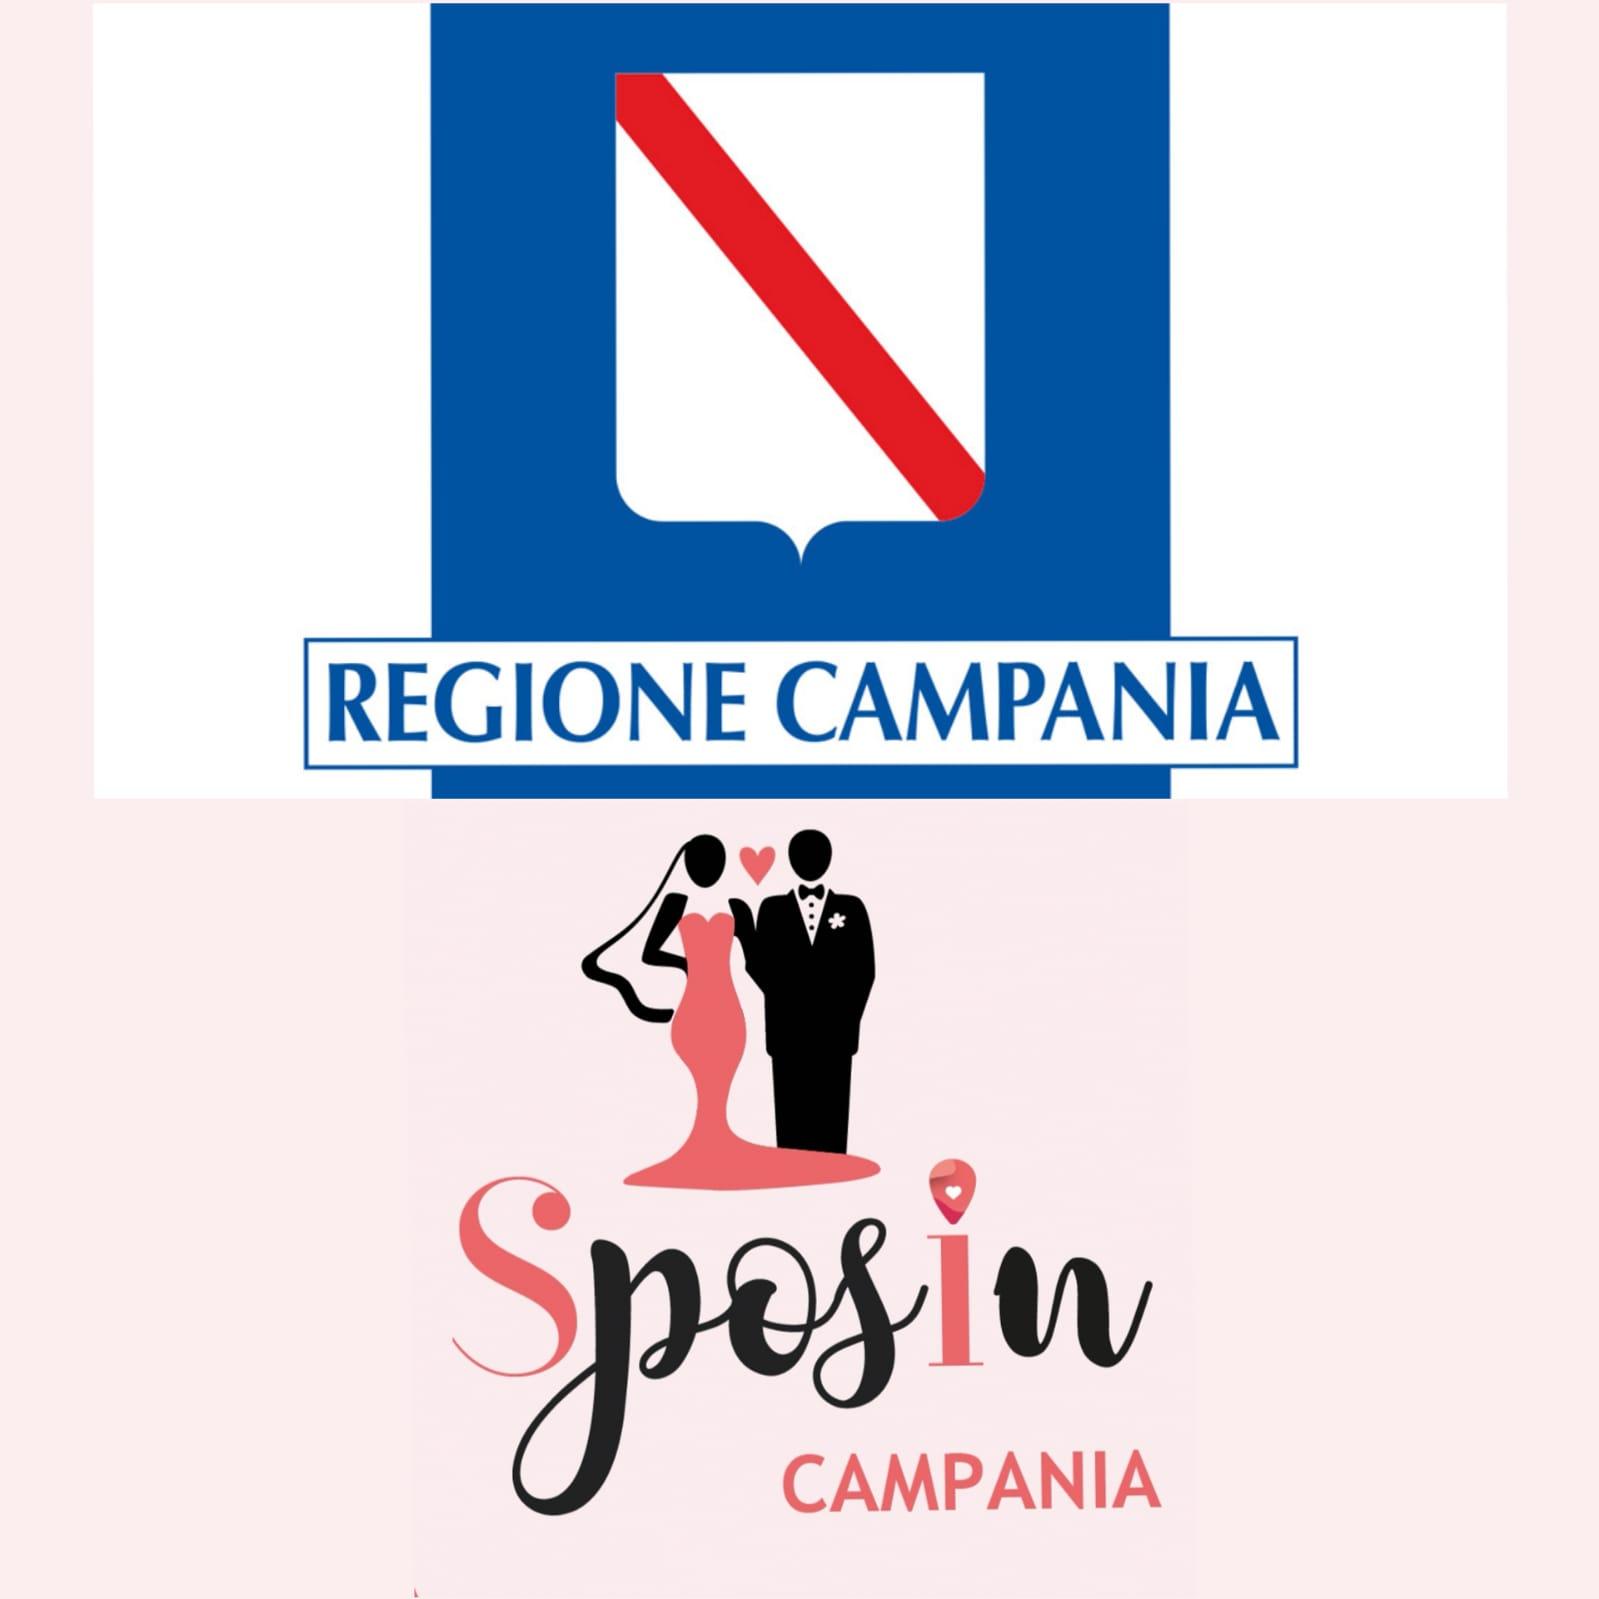 La Regione Campania chiude feste e cerimonie